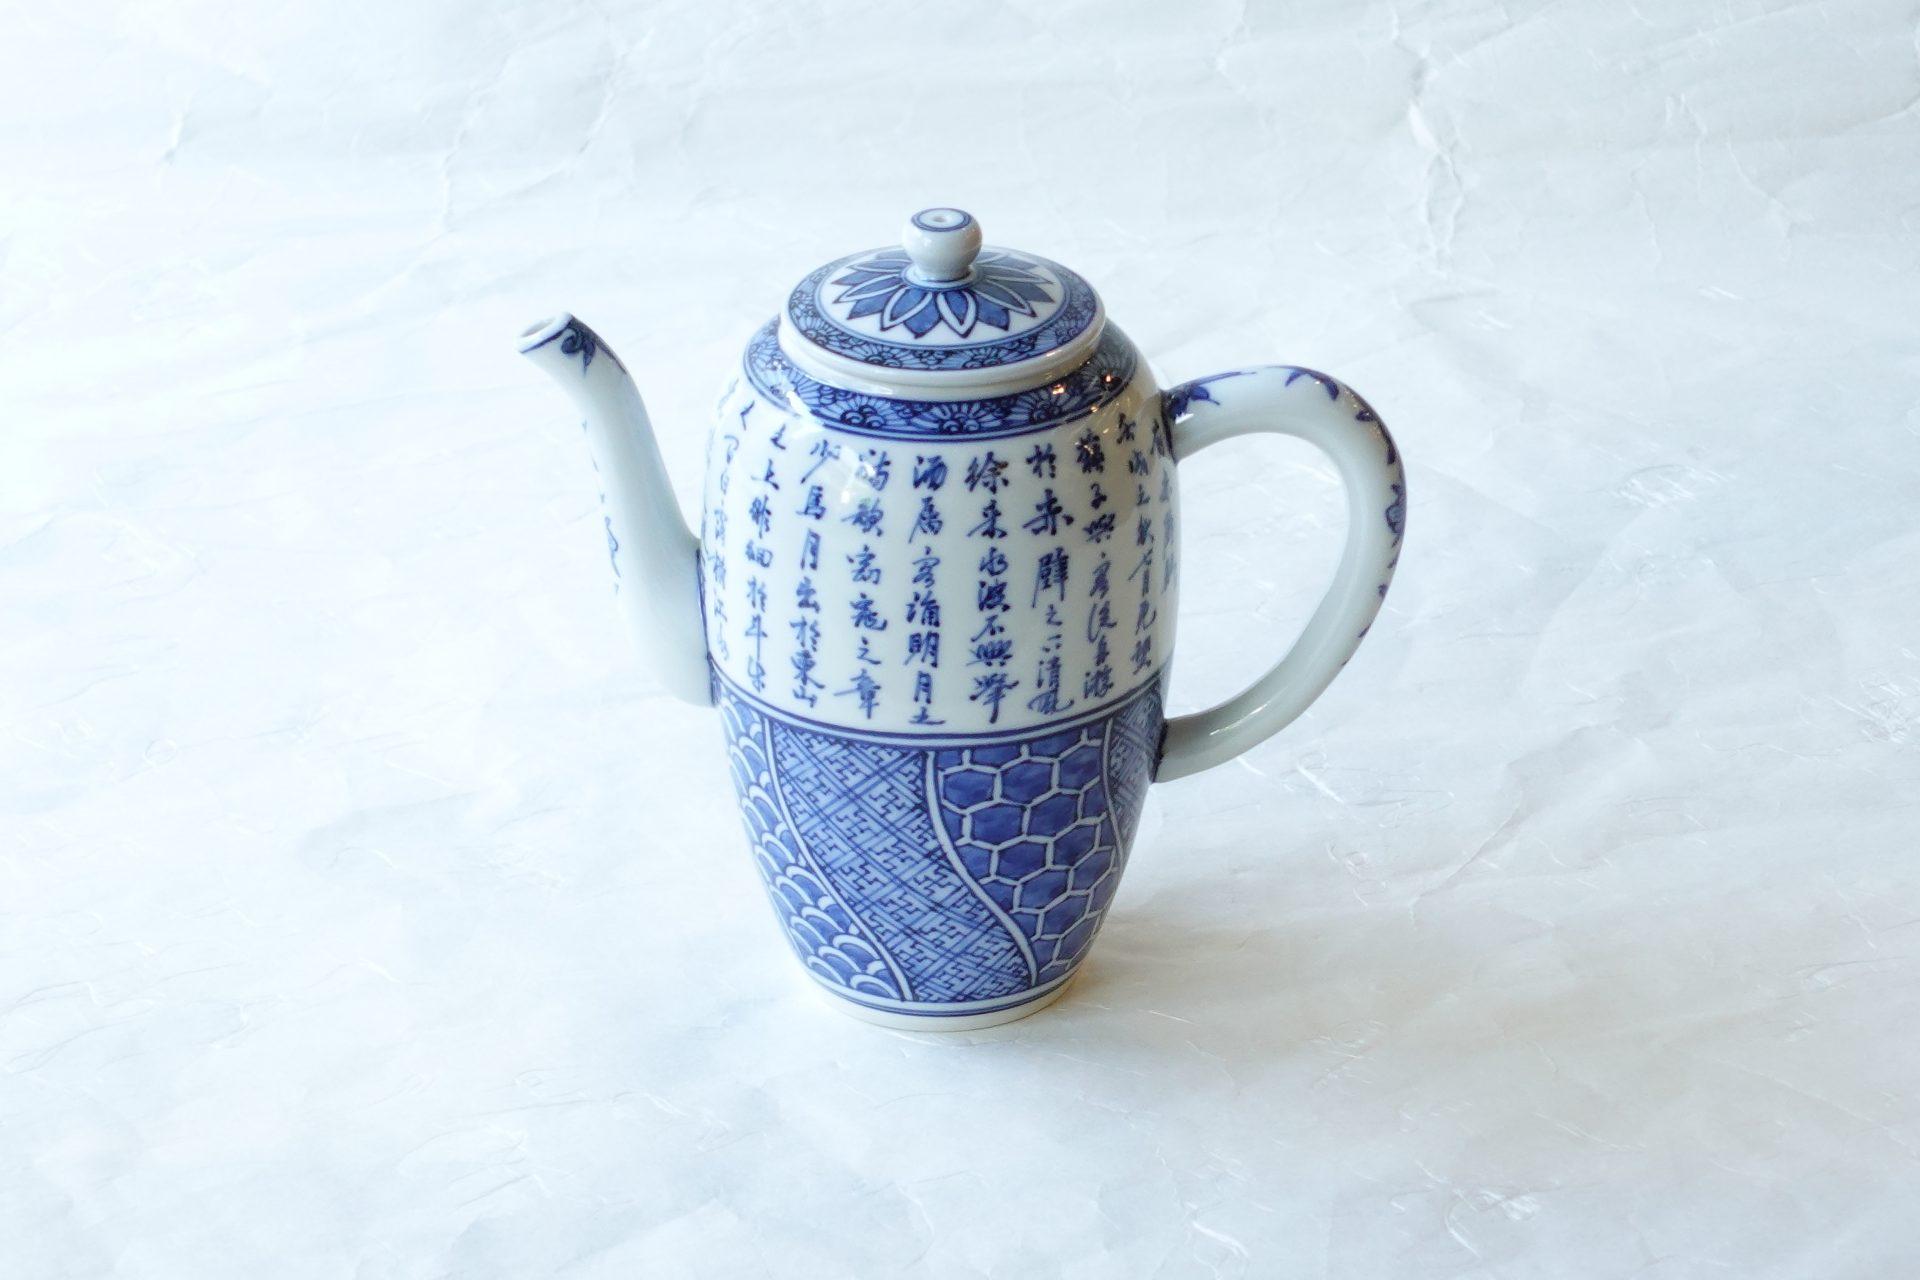 陶磁器 昭阿弥 赤壁の賦 せきへきのふ 祥瑞 水注 水を注ぐ器 ウーロン茶 紅茶 ハーブティー 各種茶 650㏄ たっぷり 多くのカップ すべて手描き 蘇 軾(そ しょく) 中国北宋の政治家 宋代きっての文豪・詩人 最大の傑作 大変な手間と技術 磁器製 軽くて焼きが硬く 吸水性がない 扱いやすい 染付 飽きが来ない 永く使える 日本製 陶器 磁器 陶磁器 漆器 茶道具 華道具 贈り物 ギフト 記念品 引出物 法要 お返し 専門店 リアル店舗 茶の湯 茶道 裏千家 表千家 茶会 月釜 抹茶 高品質 安らぎ いやし よりおいしく 安心 機能的 長持ち 人気 おすすめ 高機能 ネット通販 ネットショップ セレクトショップ 欲しい 購入 買う 買い物 岐阜県 岐阜市 美殿町 小林漆陶 特別な 選び抜かれた 品質重視 使いやすい 格安 老舗 誕生日 結婚 出産 入学 退職 母の日 父の日 敬老の日 クリスマス プレゼント 叙勲 長寿 新築 お祝い 御礼 内祝い 外国土産 海外みやげ 実店舗 創業100年以上 使うと分かる 職人技 日本一の品揃え 日本一の在庫数 専門店 専門知識 数万点の在庫 百貨店(高島屋 三越 伊勢丹 松坂屋 大丸)にない 手作り お洒落 高級品 希少価値 上質な器 伝統工芸品 コスパ お値打ち お買い得 堅牢 飽きない 永く使える お気に入り 国産 料理が映える 満足感 豊かな食生活 豊かな食文化 こだわりの器 日本文化 他にない ここにしかない オリジナル 独自の 個性的 ここでしか買えない 超レアもの 一品もの 現品限り 入手困難 いい器 匠の技 美しい 実用的 外人が喜ぶ店 外人が珍しがる店 外人がうれしい店 日本各地の一級品を売る店 日本全国の器を売る店 本当にいいもの コスパ高い 一流品 修理 選りすぐりの逸品 周年記念 永年勤続表彰 退職記念 卒業記念 日本土産 岐阜土産 岐阜のおみやげ 岐阜の特産品 料理を引き立てる器 高級店 一流店 岐阜で一番 東海で一番 中部で一番 日本で一番 おしゃれな店 地域一番店 実店舗 陶磁器 磁器 華道具 ガラス器 明治42年創業